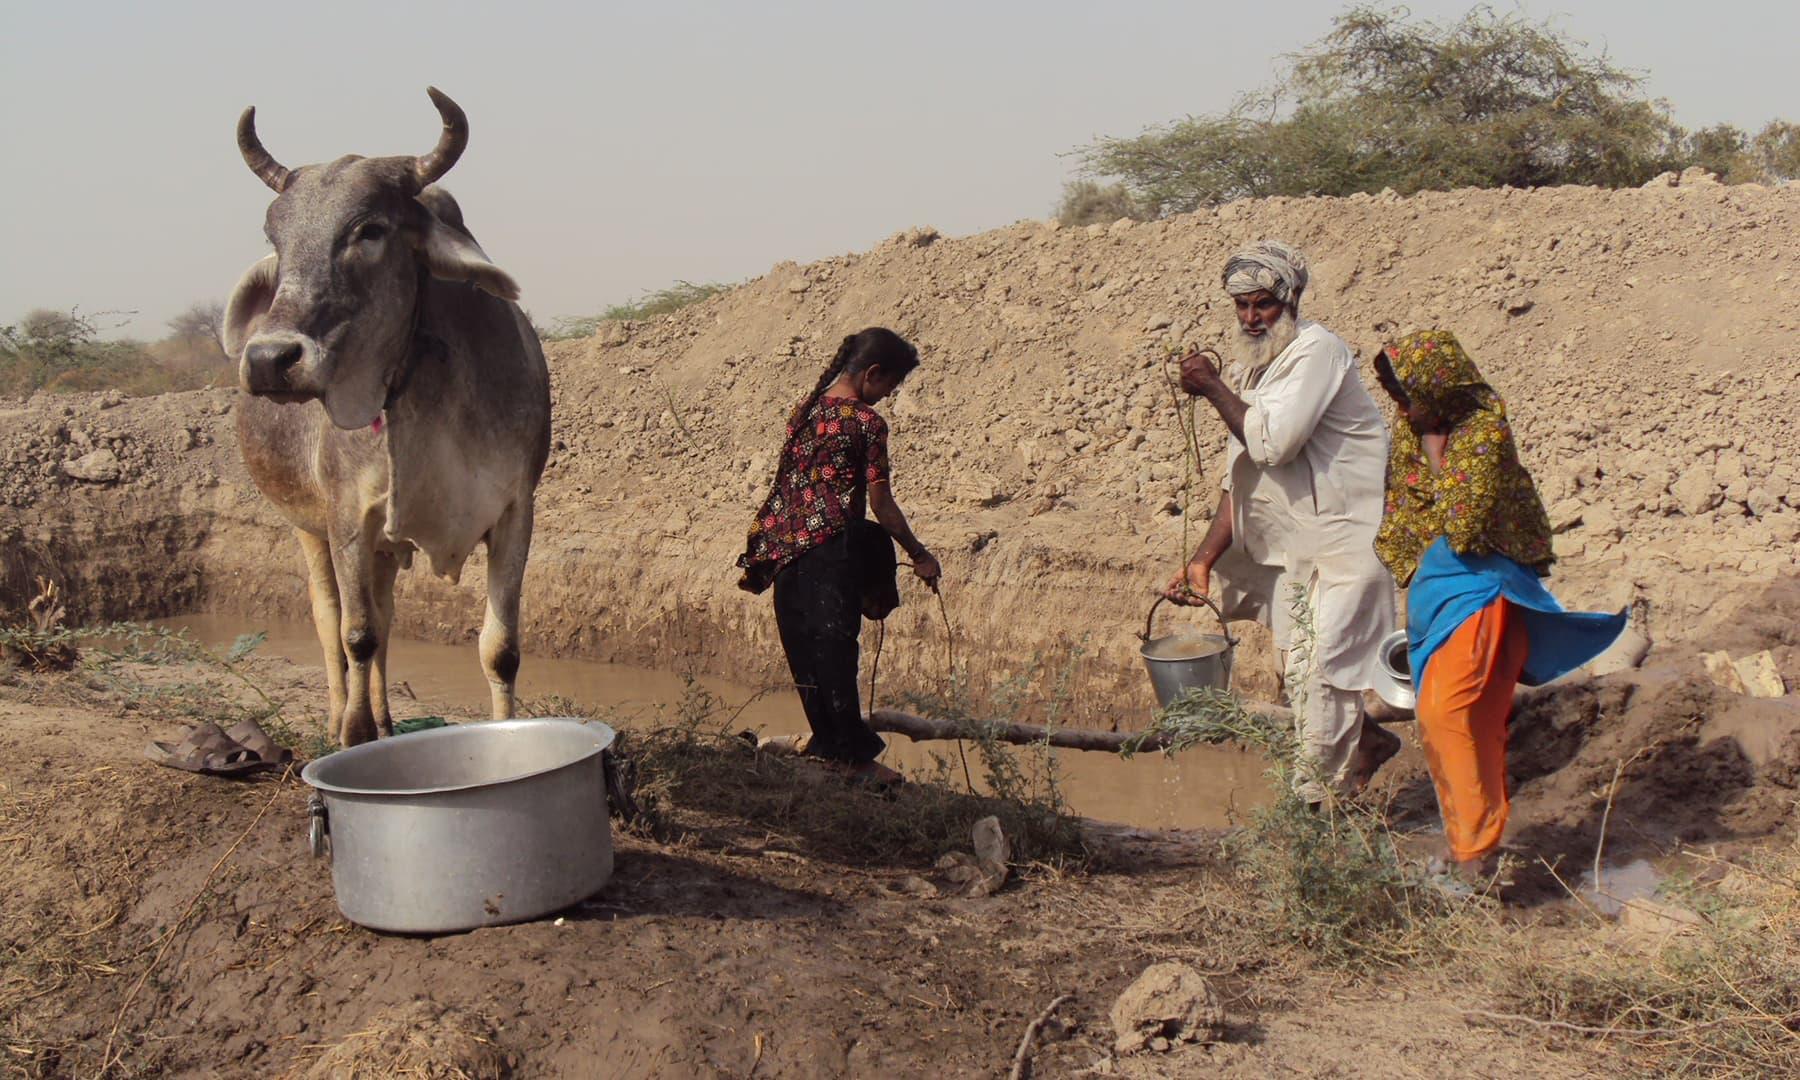 کنویں سے پانی بھرا جا رہا ہے—تصویر ابوبکر شیخ